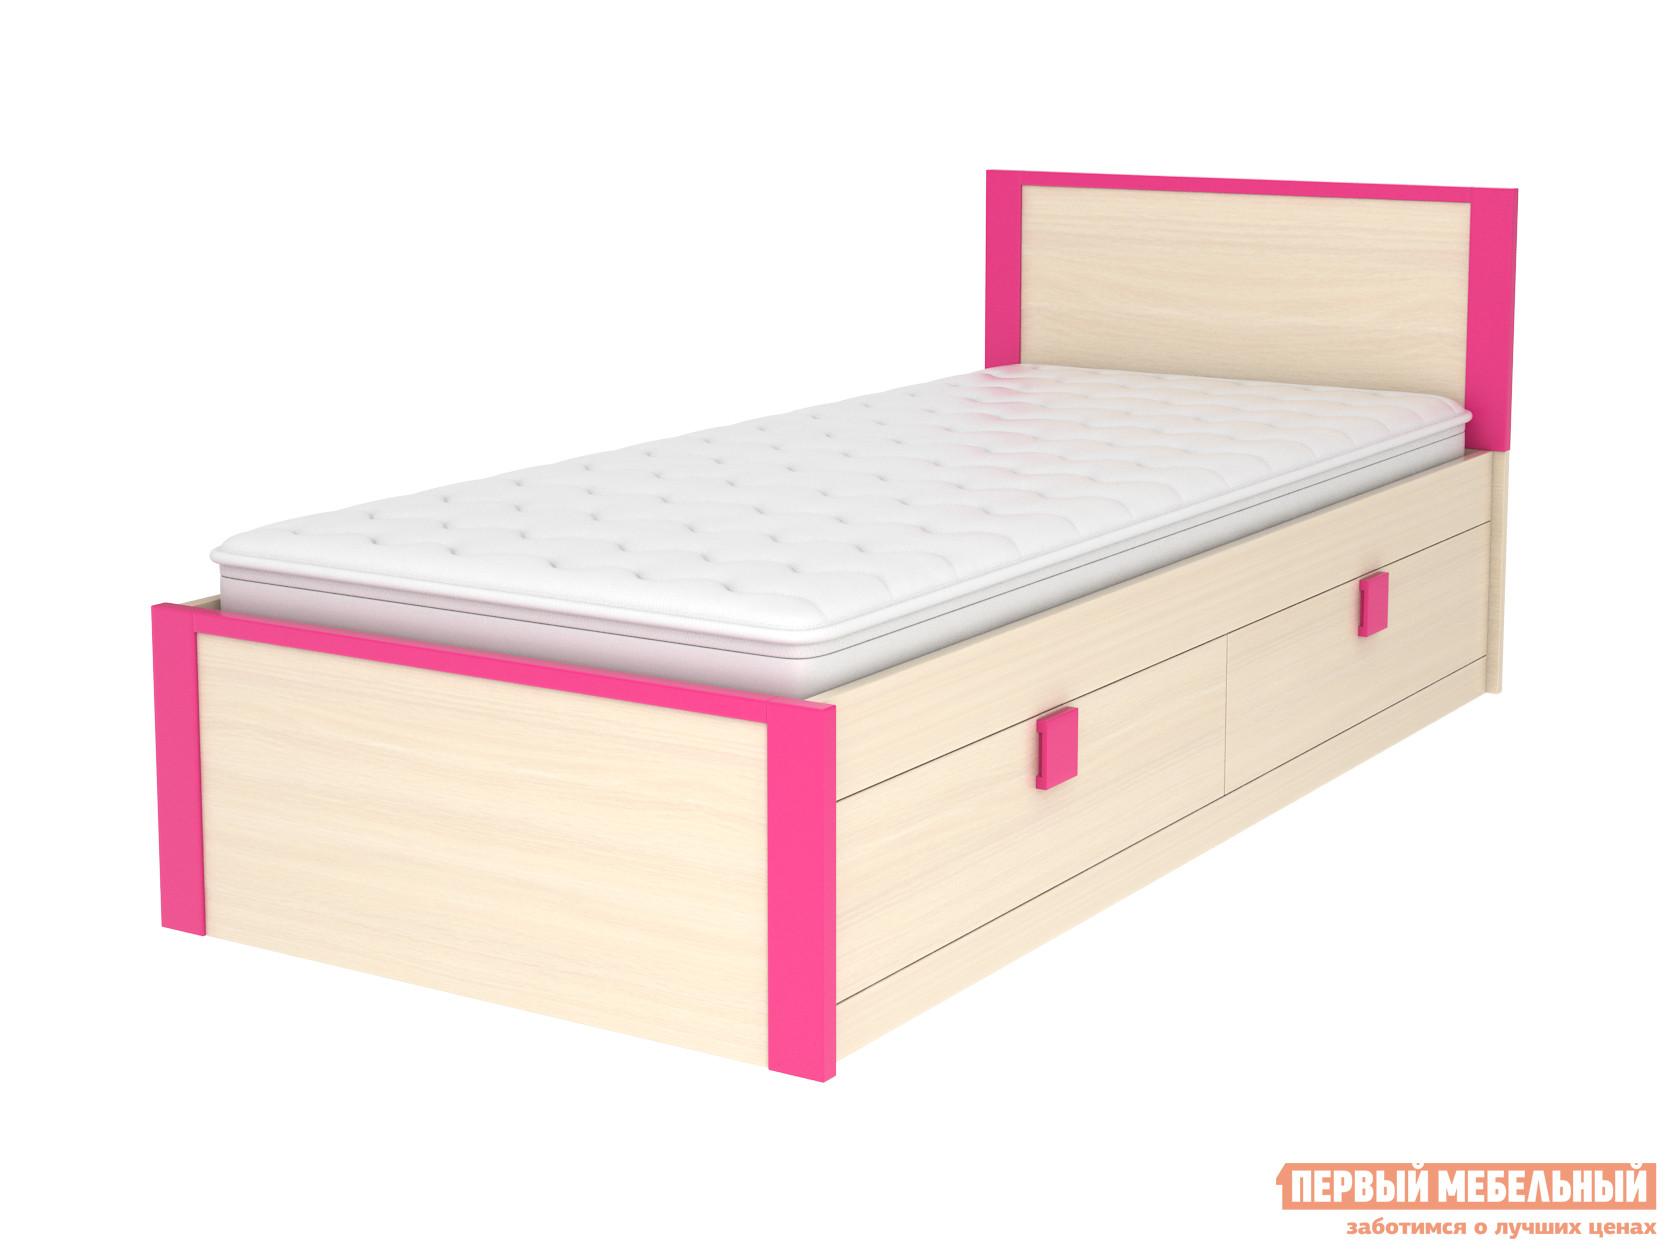 цена на Детская кровать Первый Мебельный Пионер 1